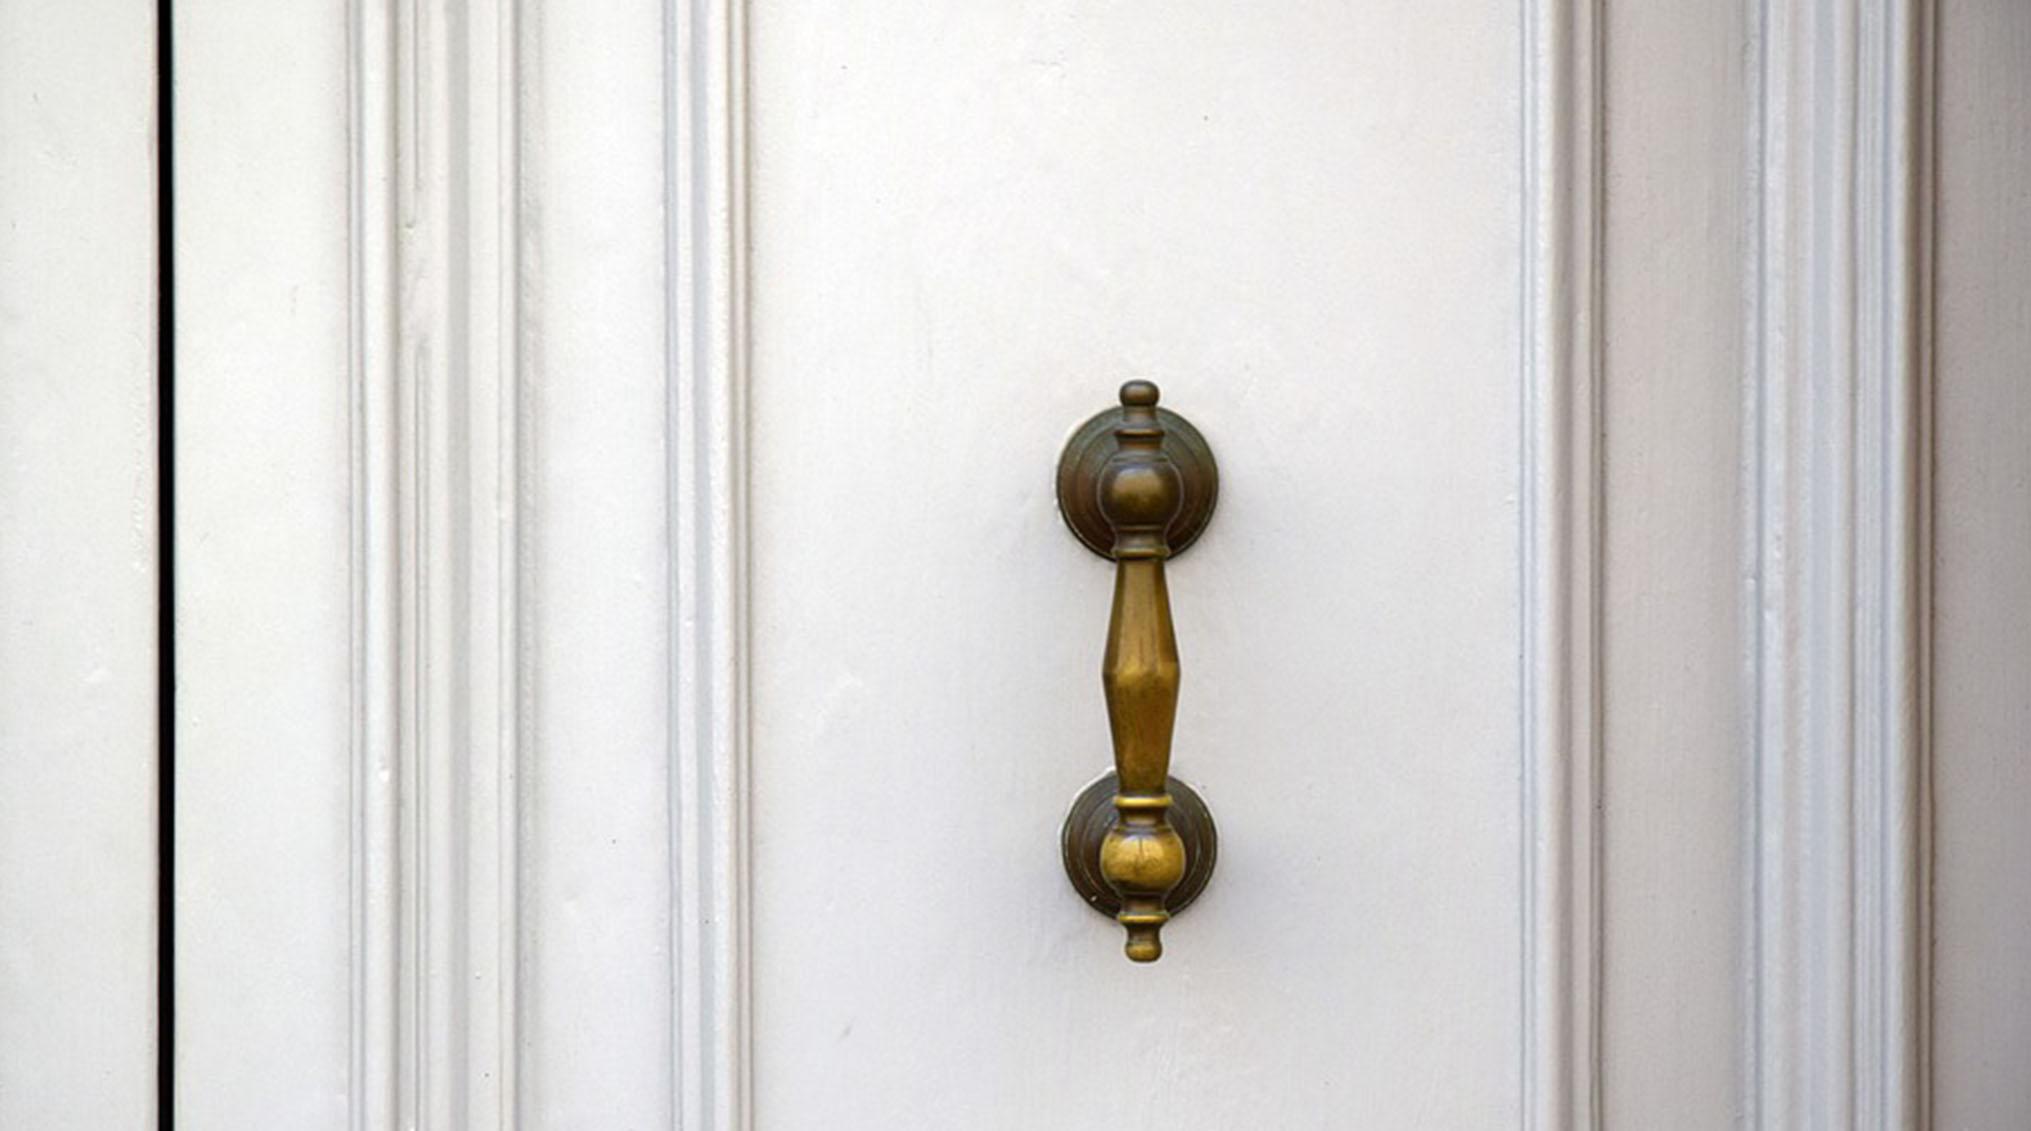 بازسازی منزل؛ انواع درب های آکاردئونی